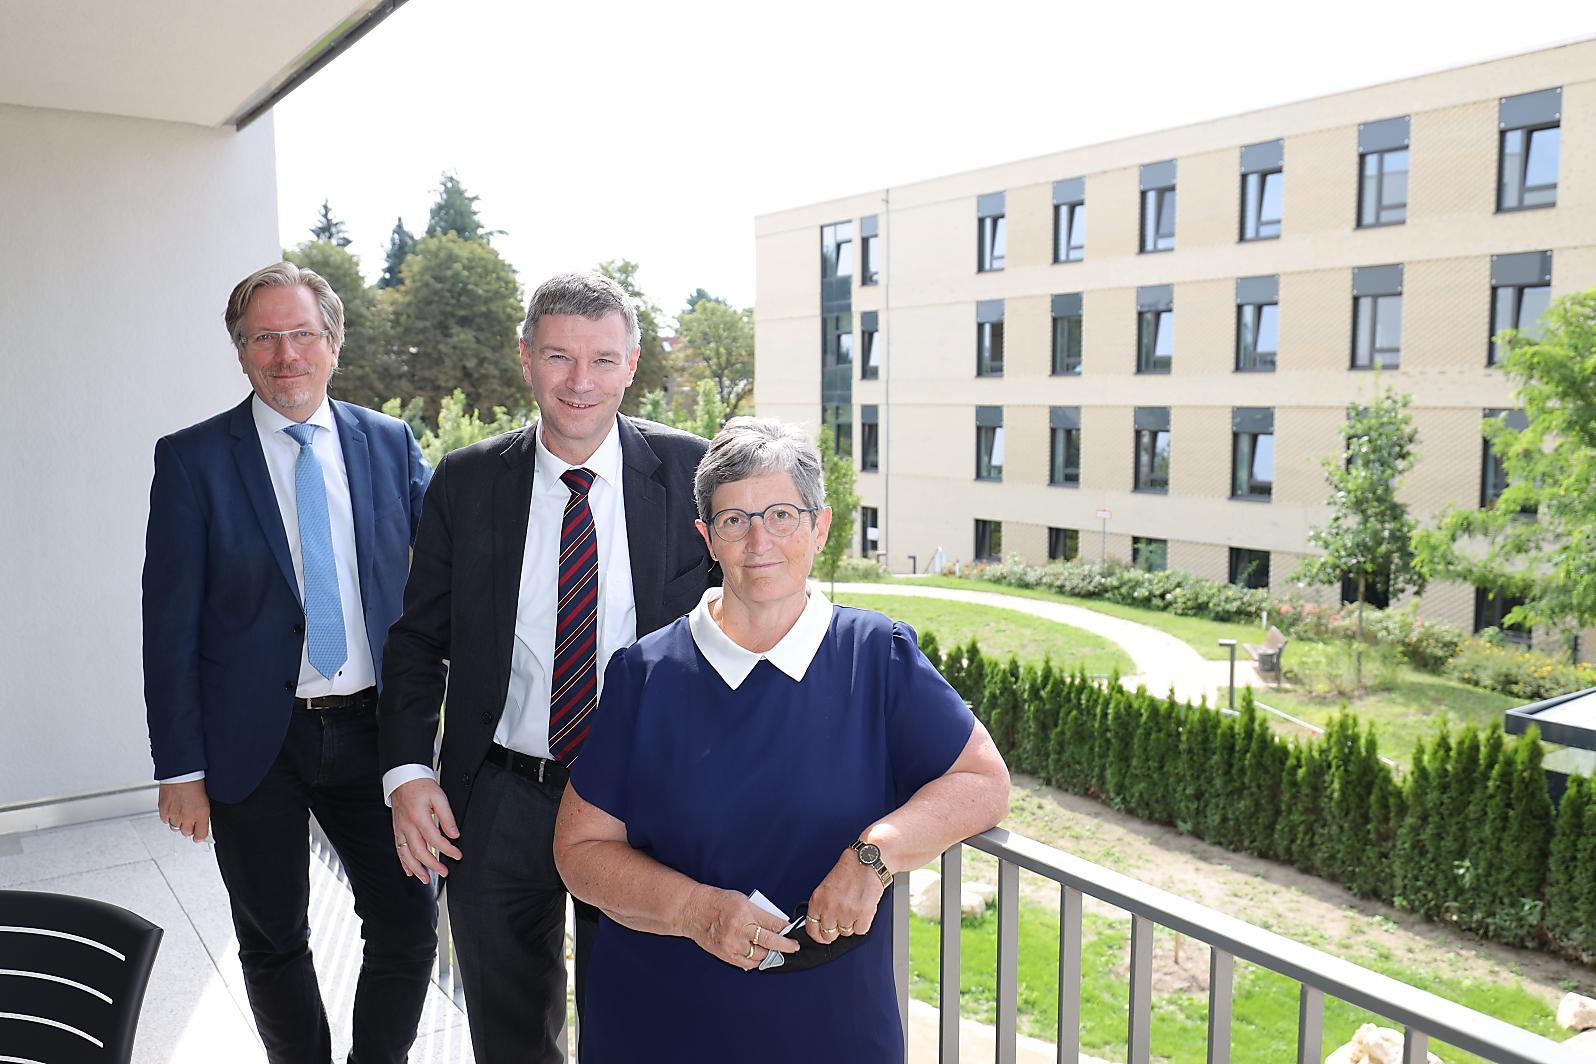 Martin Matz, Dr. Eibo Krahmer und Dagmar Pohle (v. l. n. r.) © Vivantes